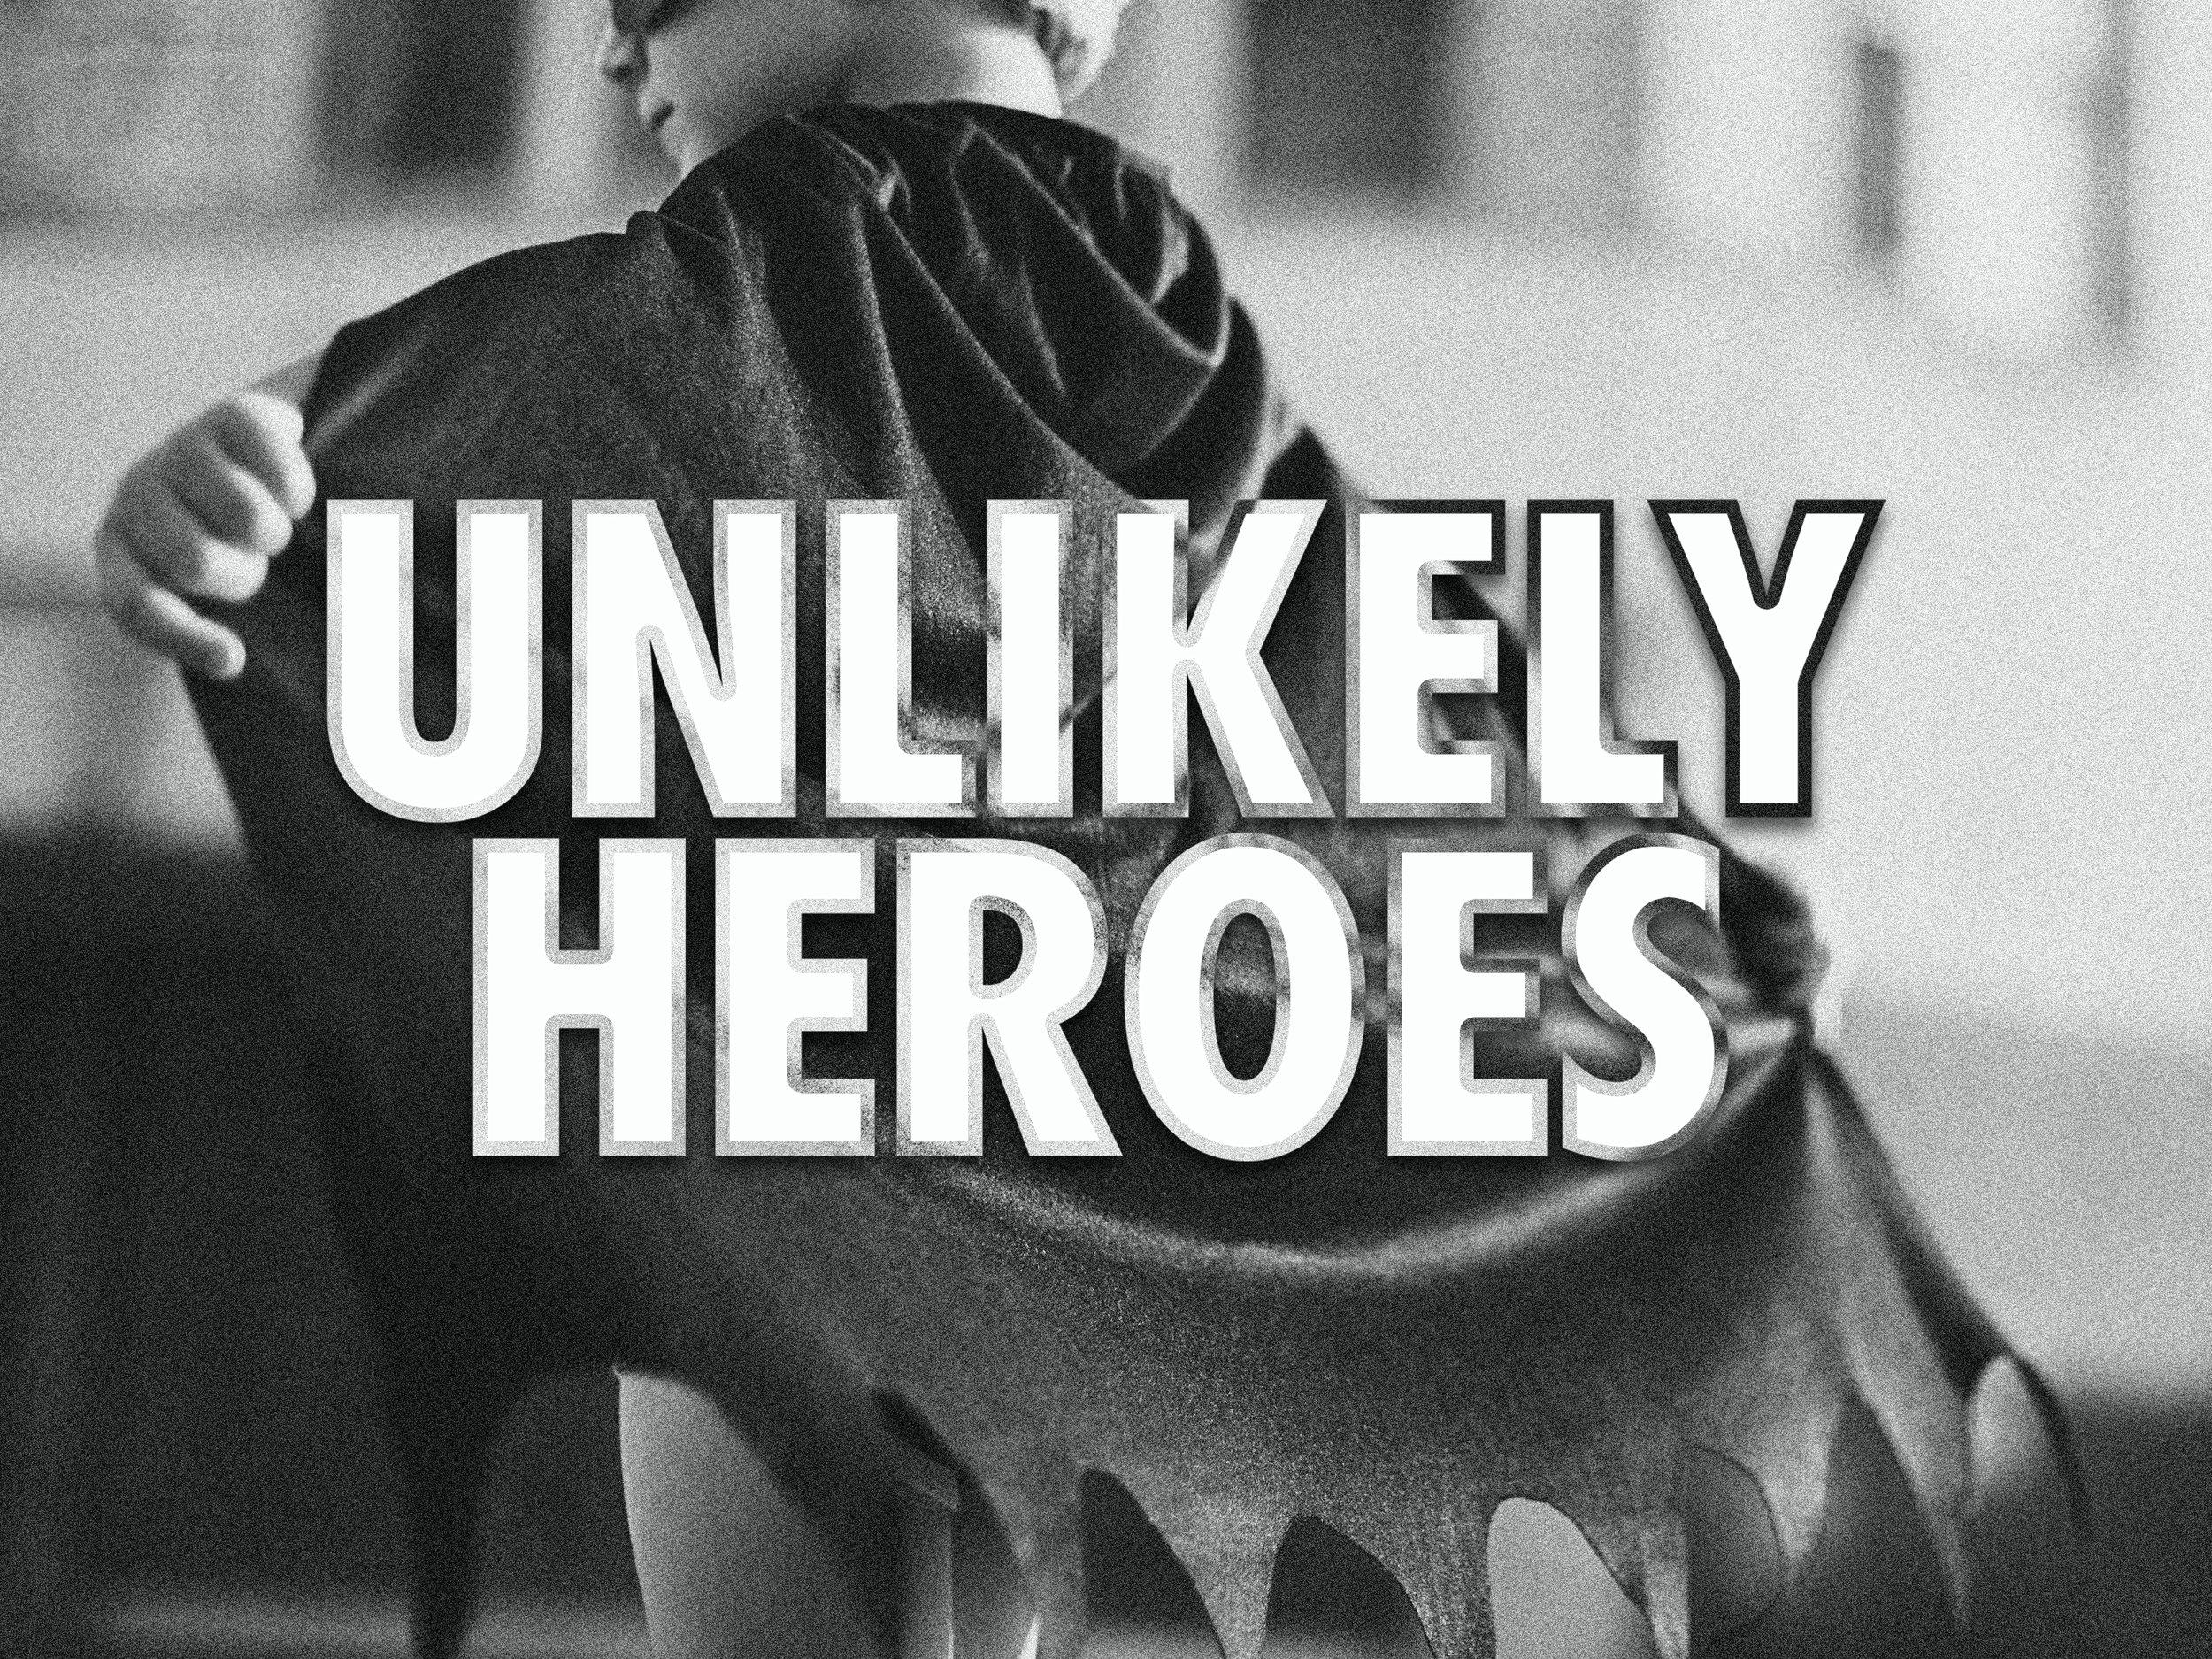 unlikely_heroes_title_slide.jpg